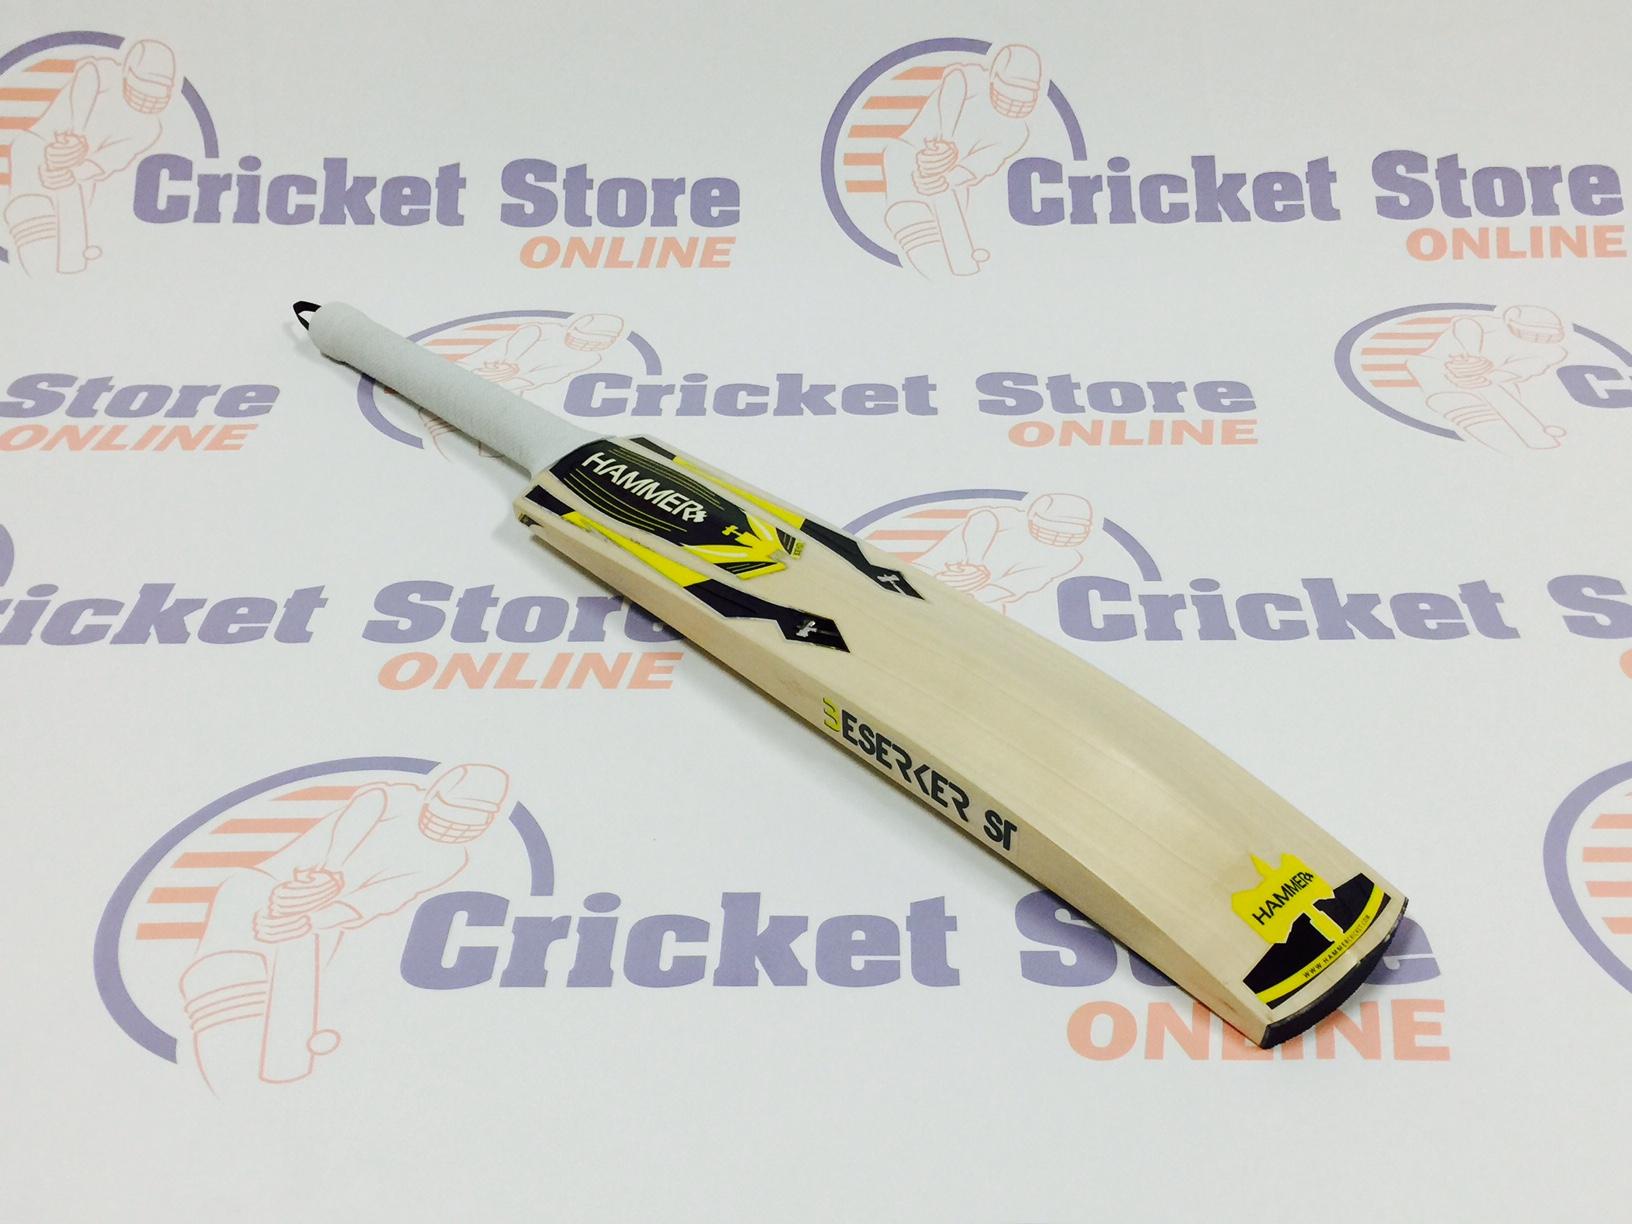 Hammer Beserker ST cricket Bat Image